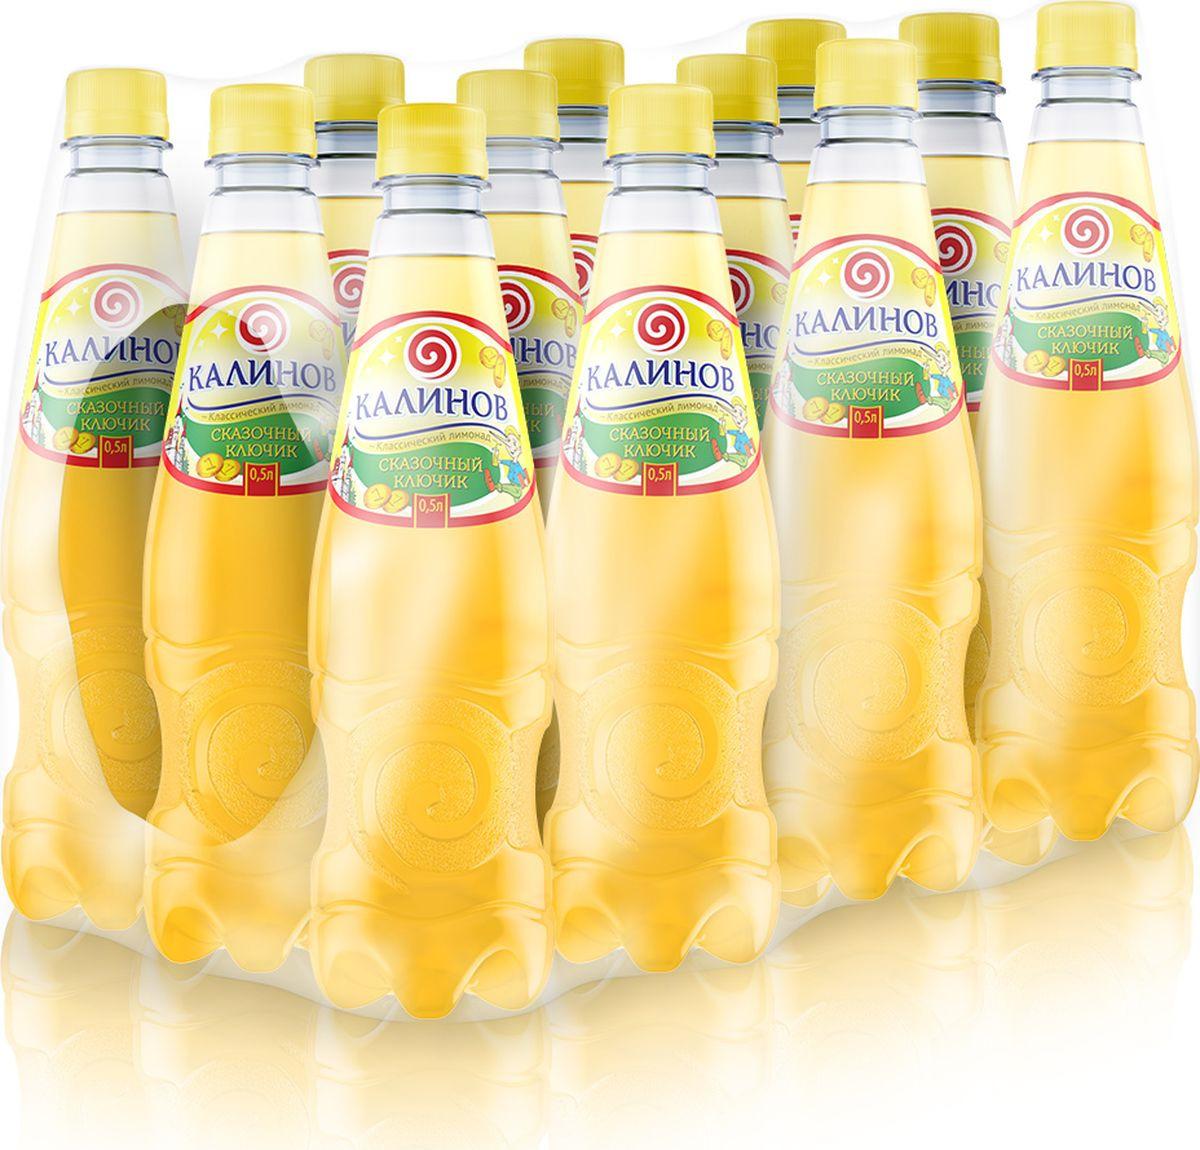 Калинов Лимонад Сказочный ключик, 12 шт по 0,5 л лимонад калинов родник дюшес 6 шт по 1 5 л